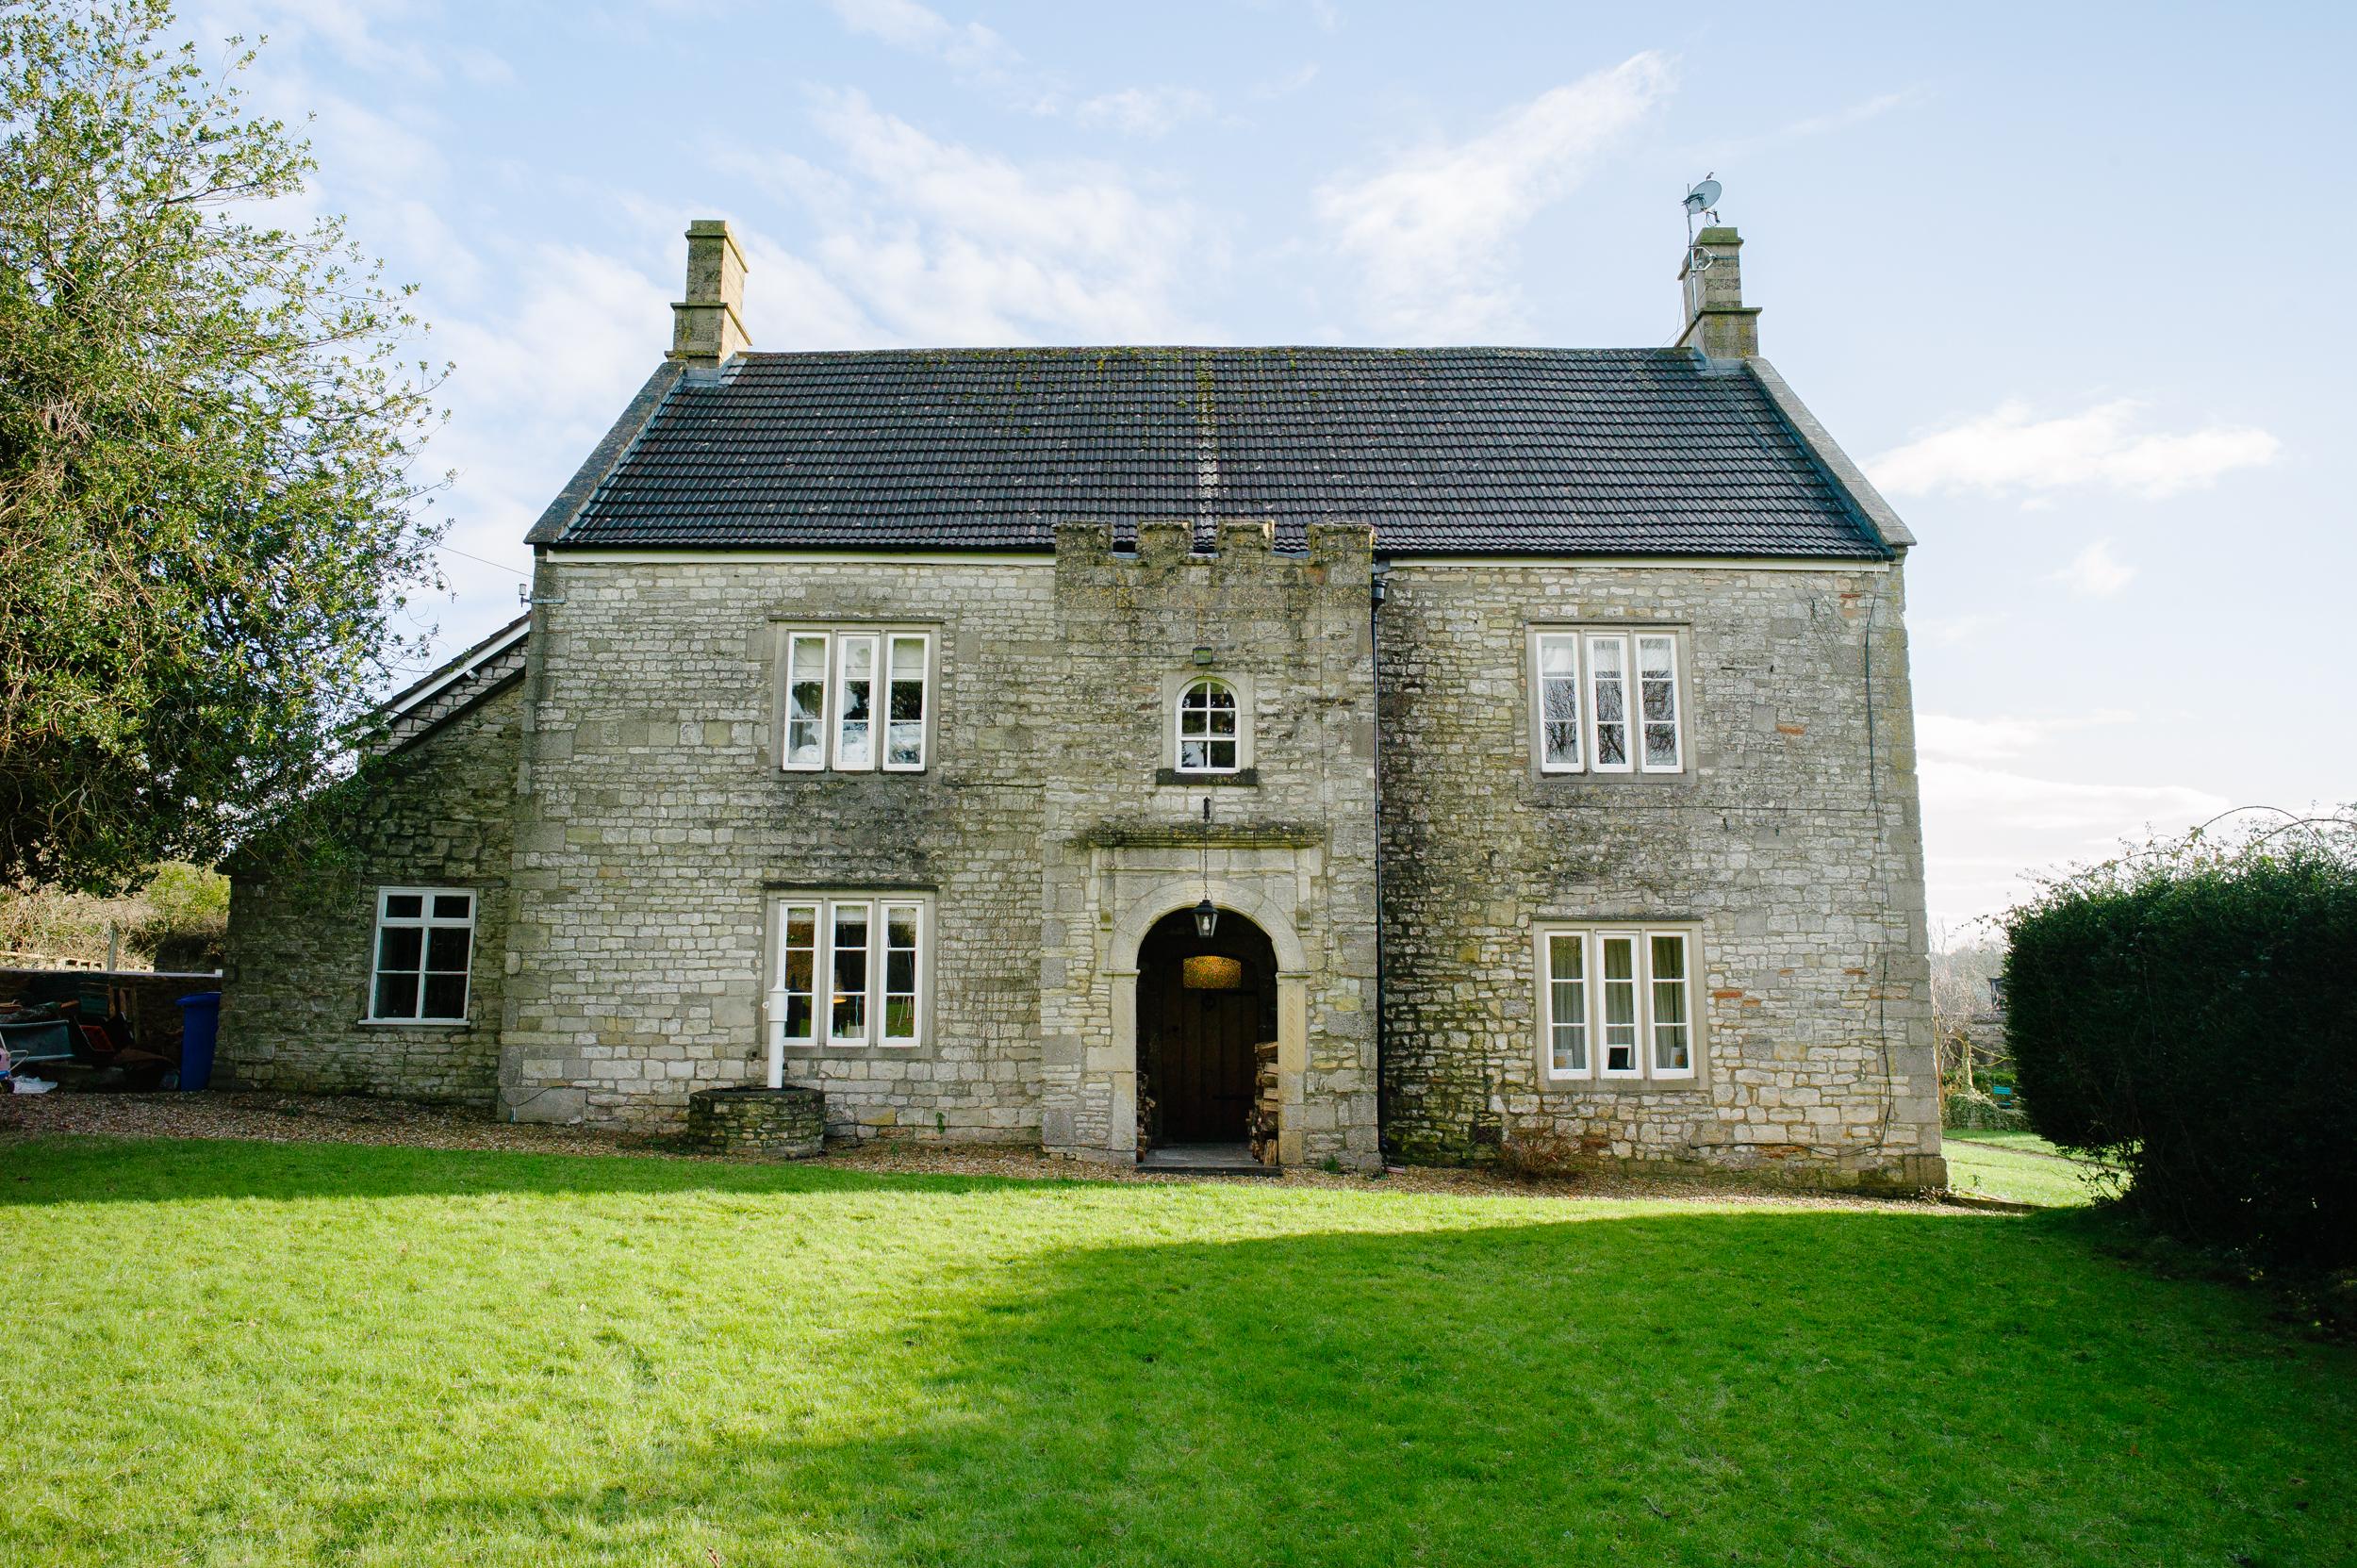 Pennleigh_Welton Manor Farm-2.jpg